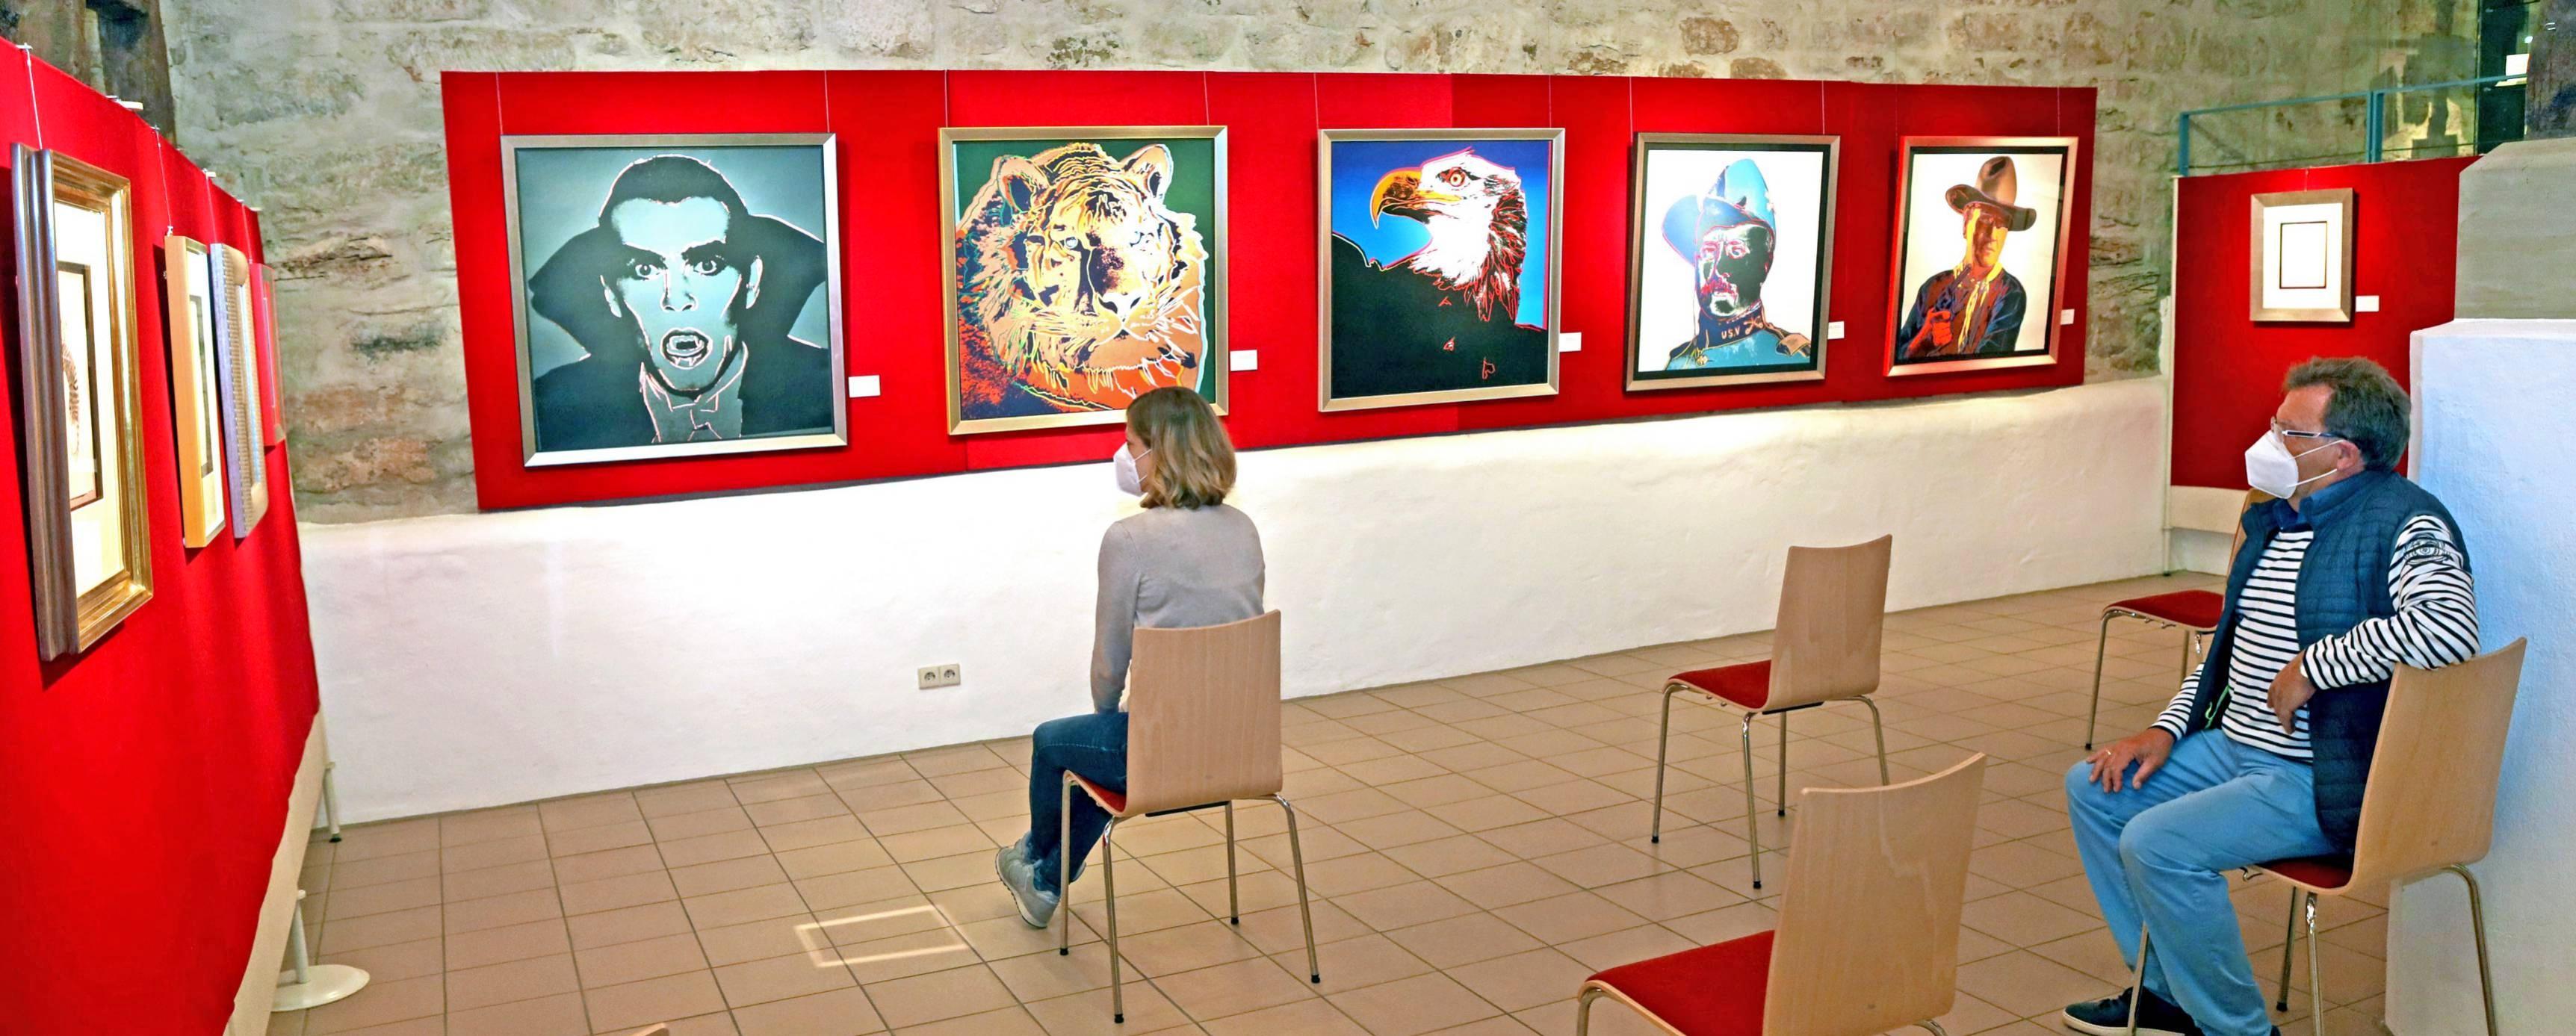 Auf vielfachen Wunsch der Besucher wird die Pop-Art-Ausstellung im Museum im Schafstall verlängert. Sie ist nach der Sommerpause noch bis Ende Januar kommenden Jahres zu sehen. Foto: Archiv/Seidel